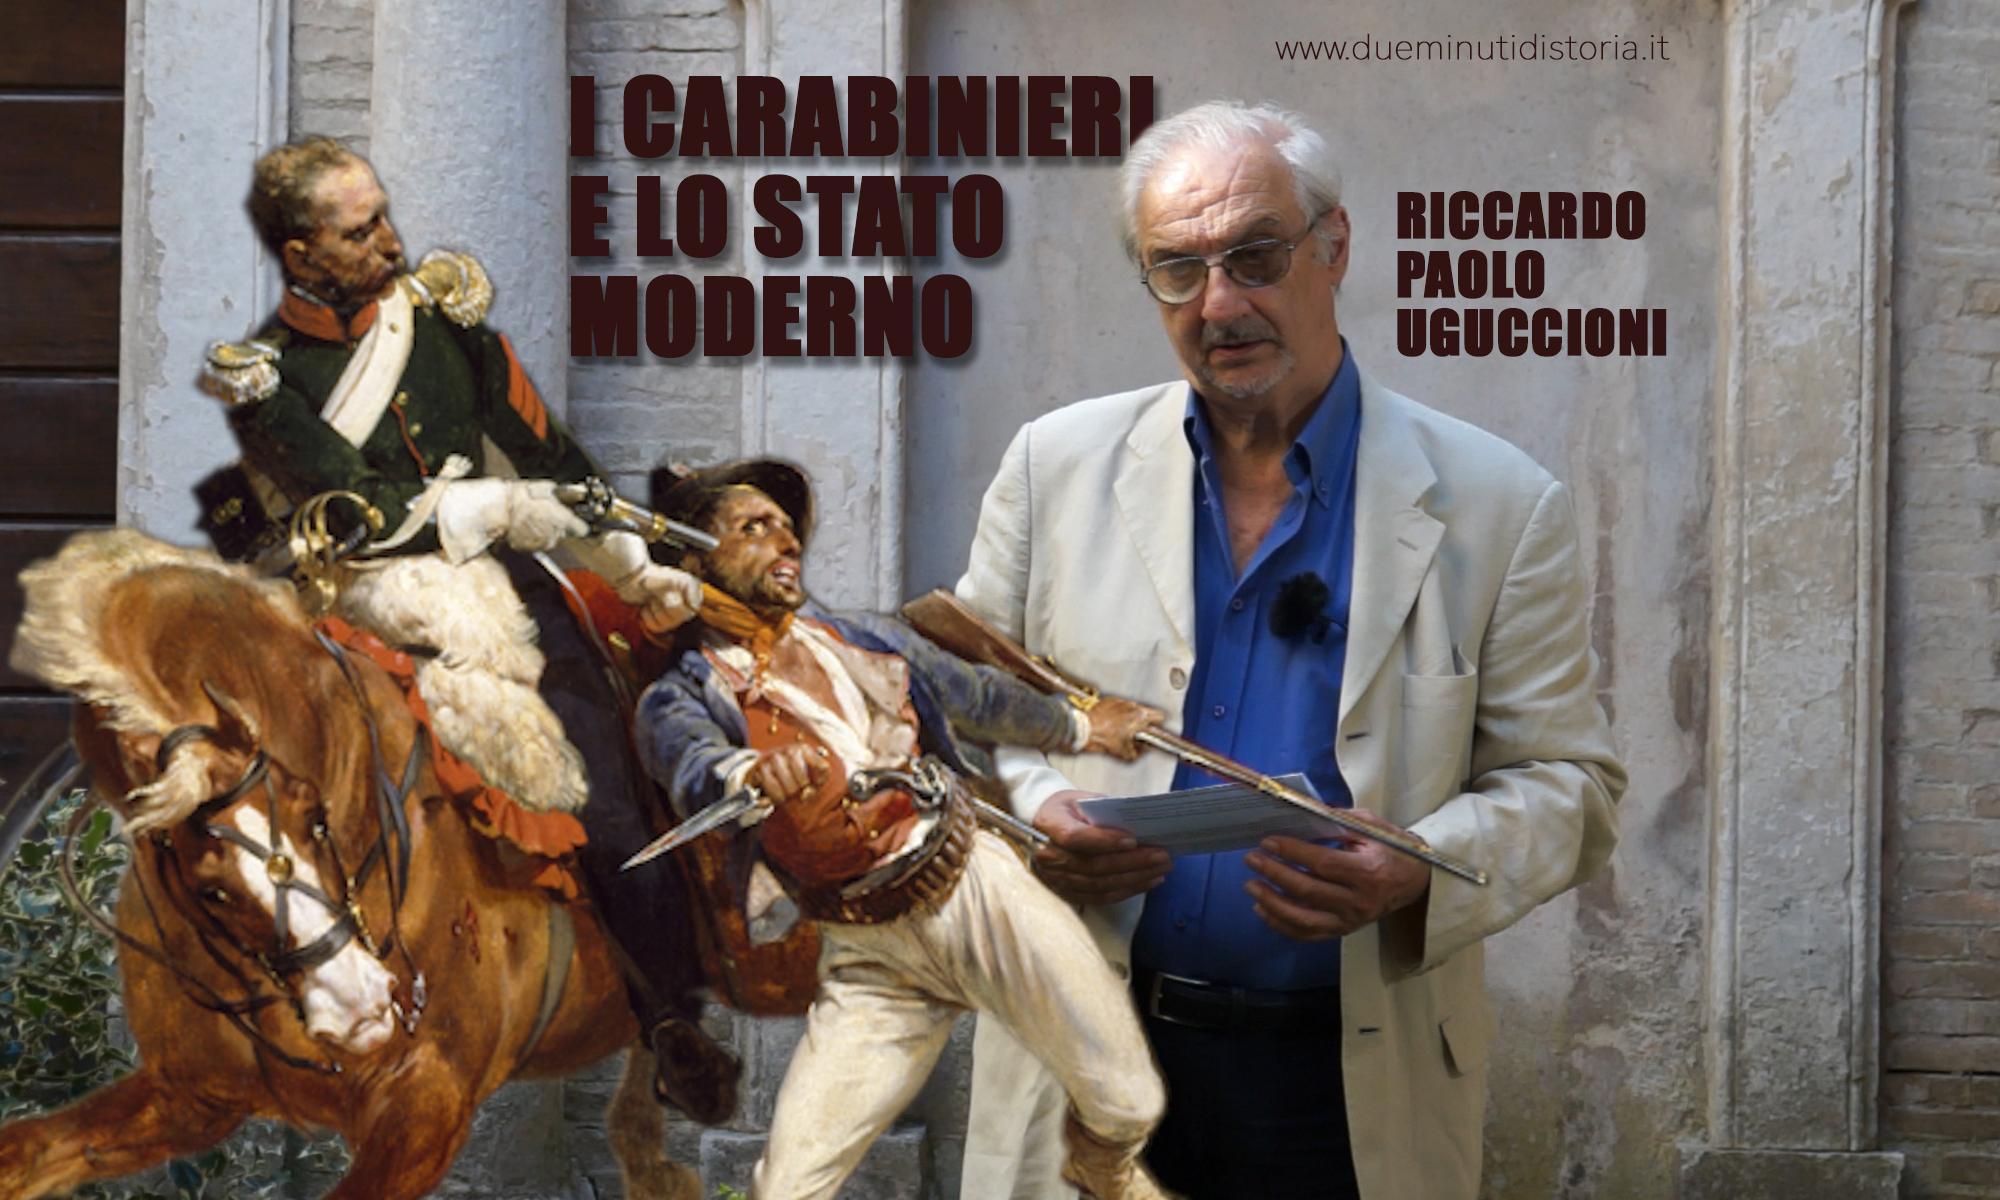 www.dueminutidistoria.it